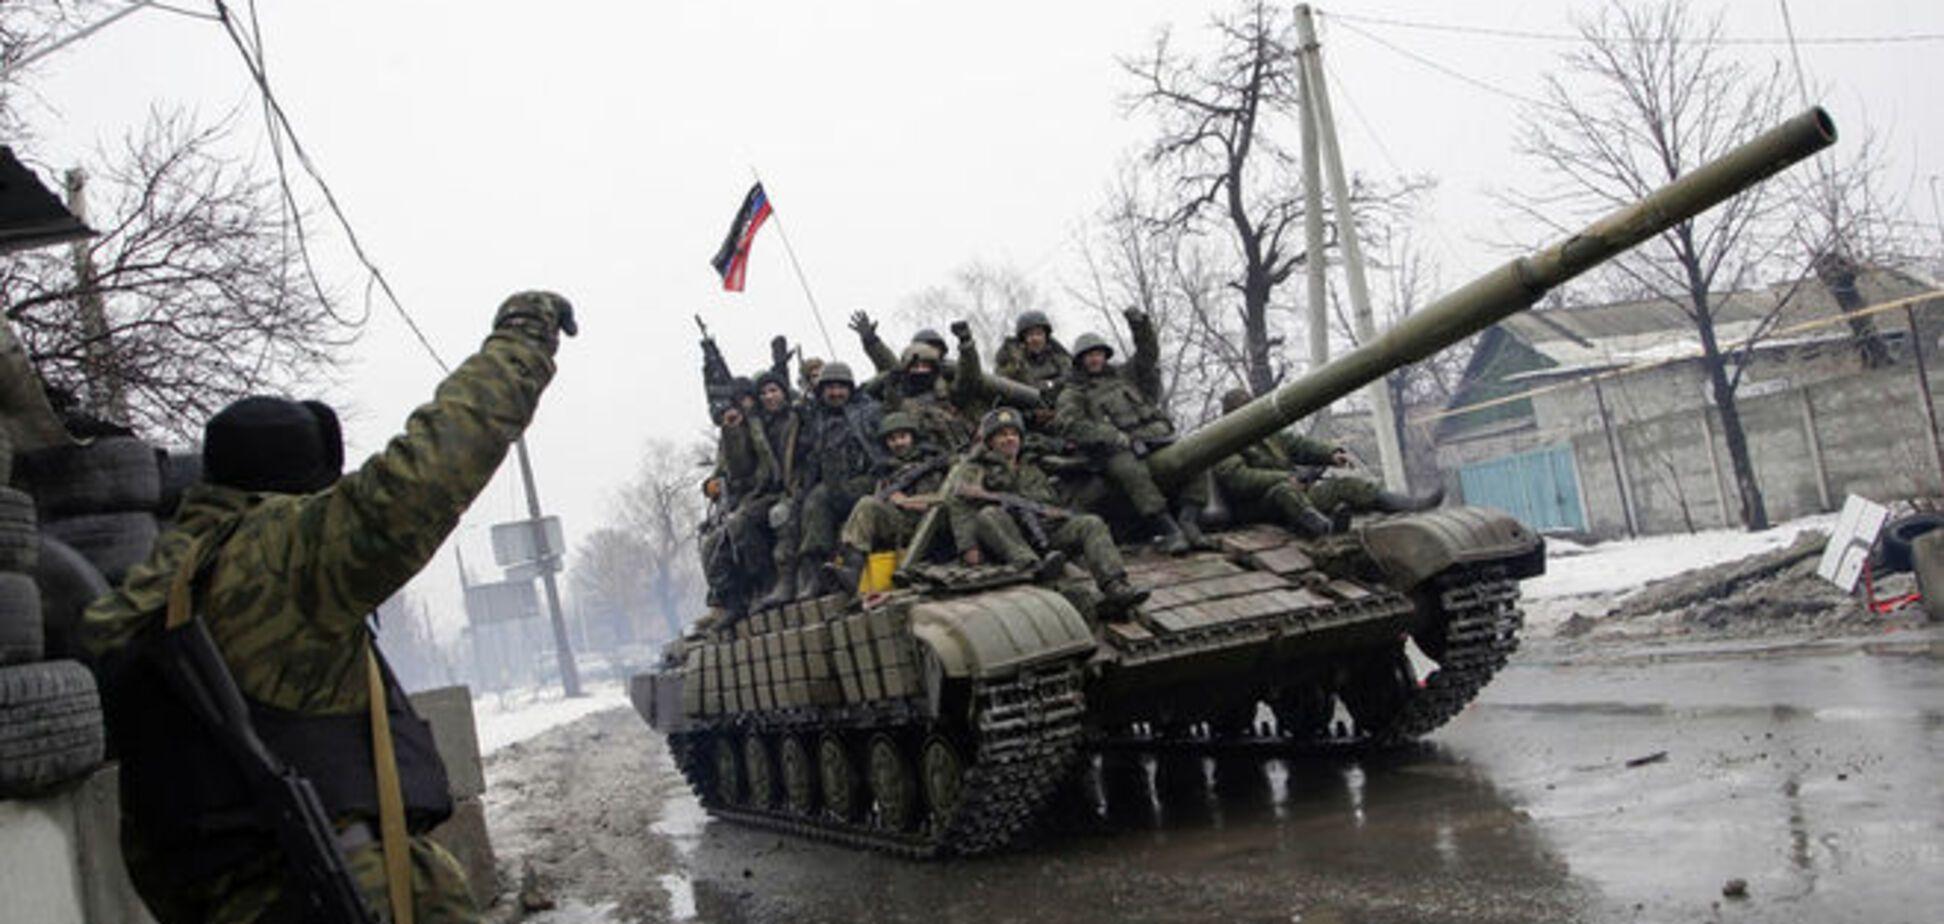 РЖД перекинула на Донбасс сотни танков и БТР